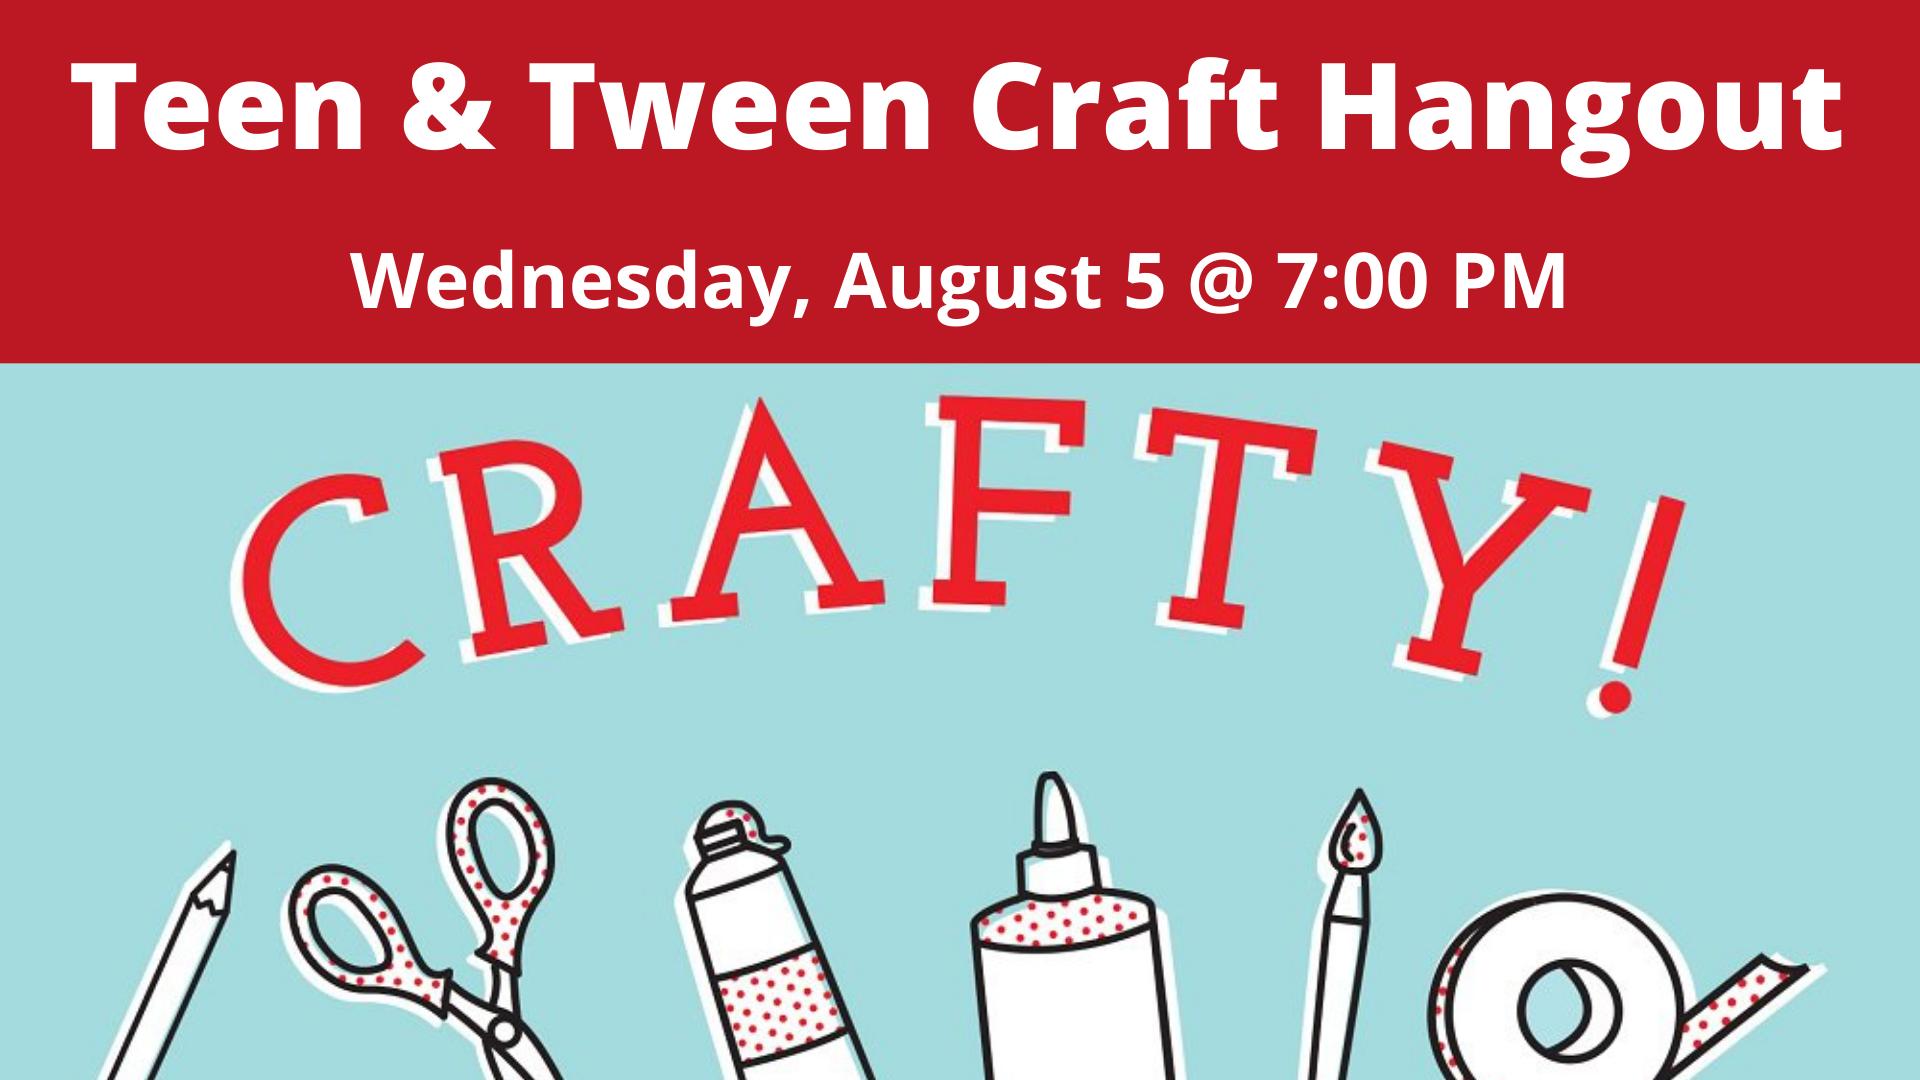 Teen & Tween Craft Hangout